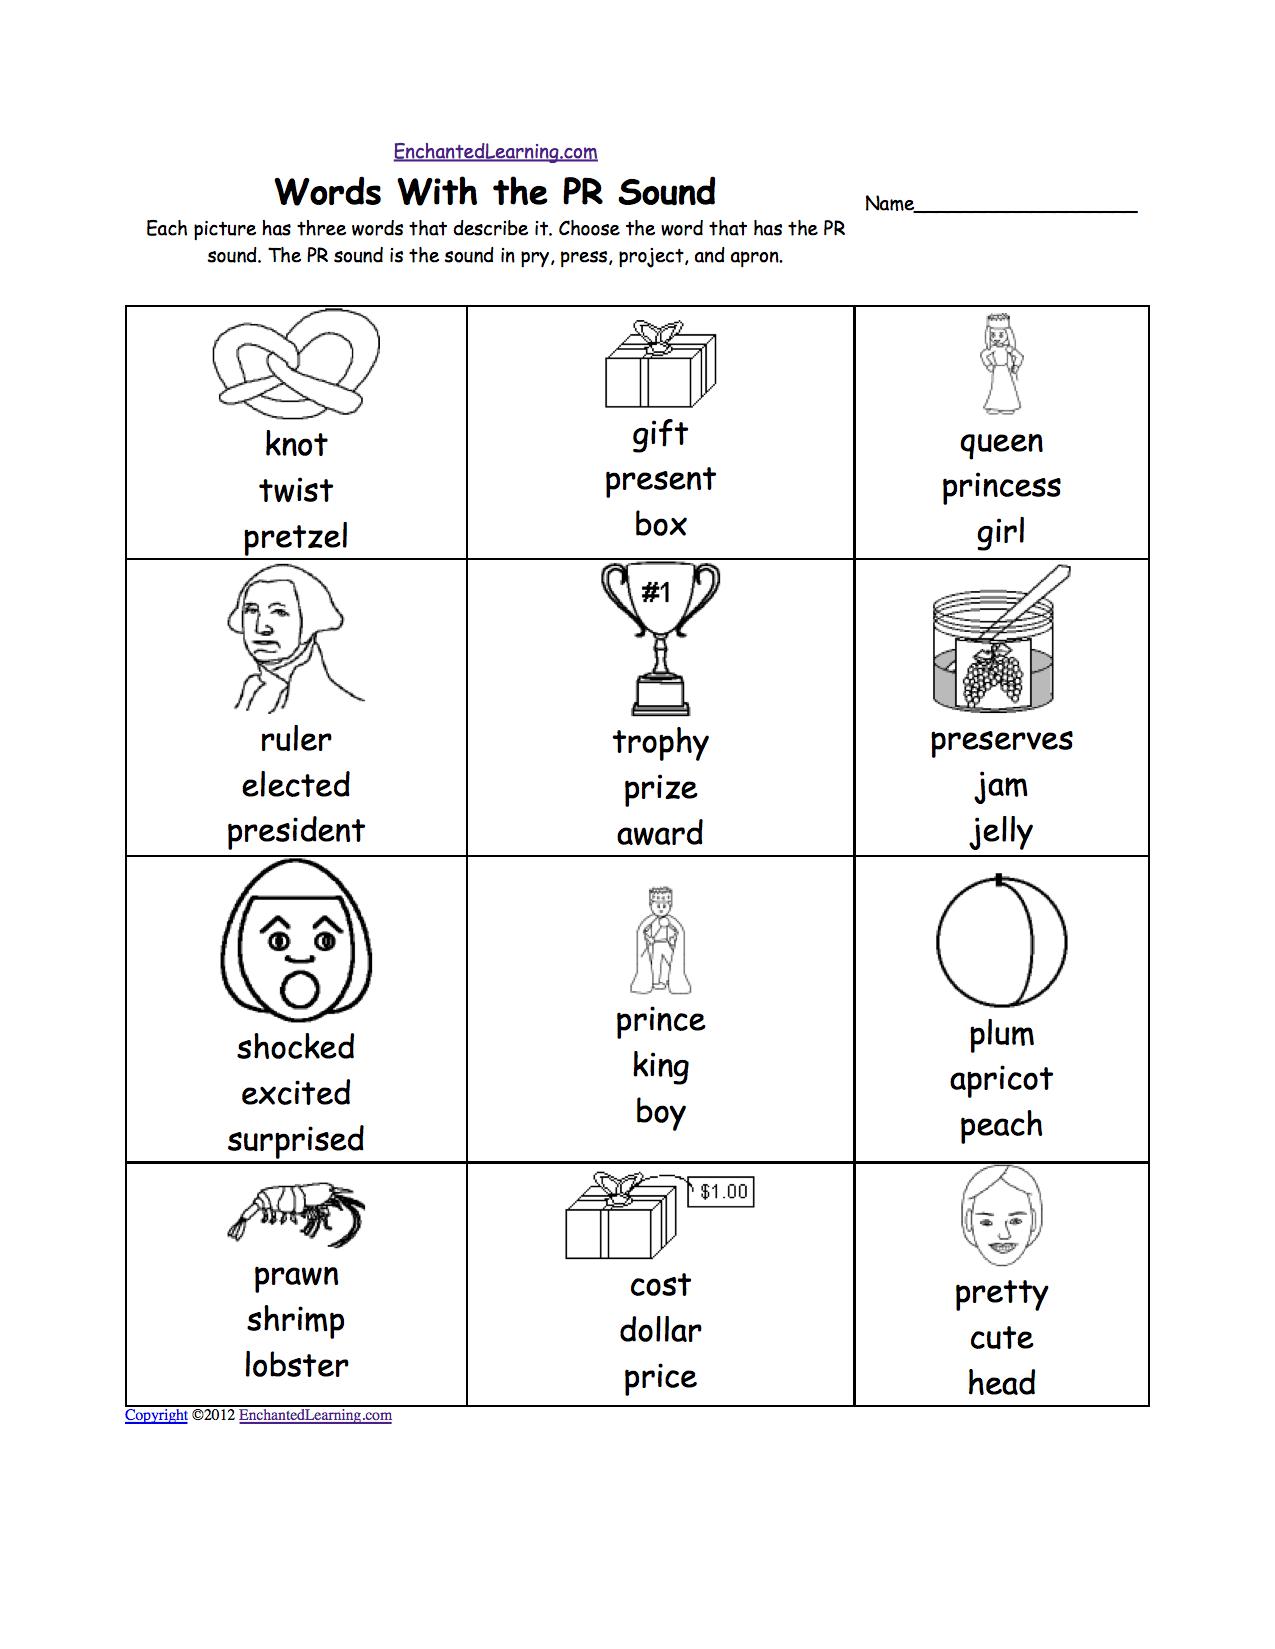 Worksheet For Teaching Phonics Phonics Worksheets Teaching Phonics Phonics [ 1649 x 1275 Pixel ]